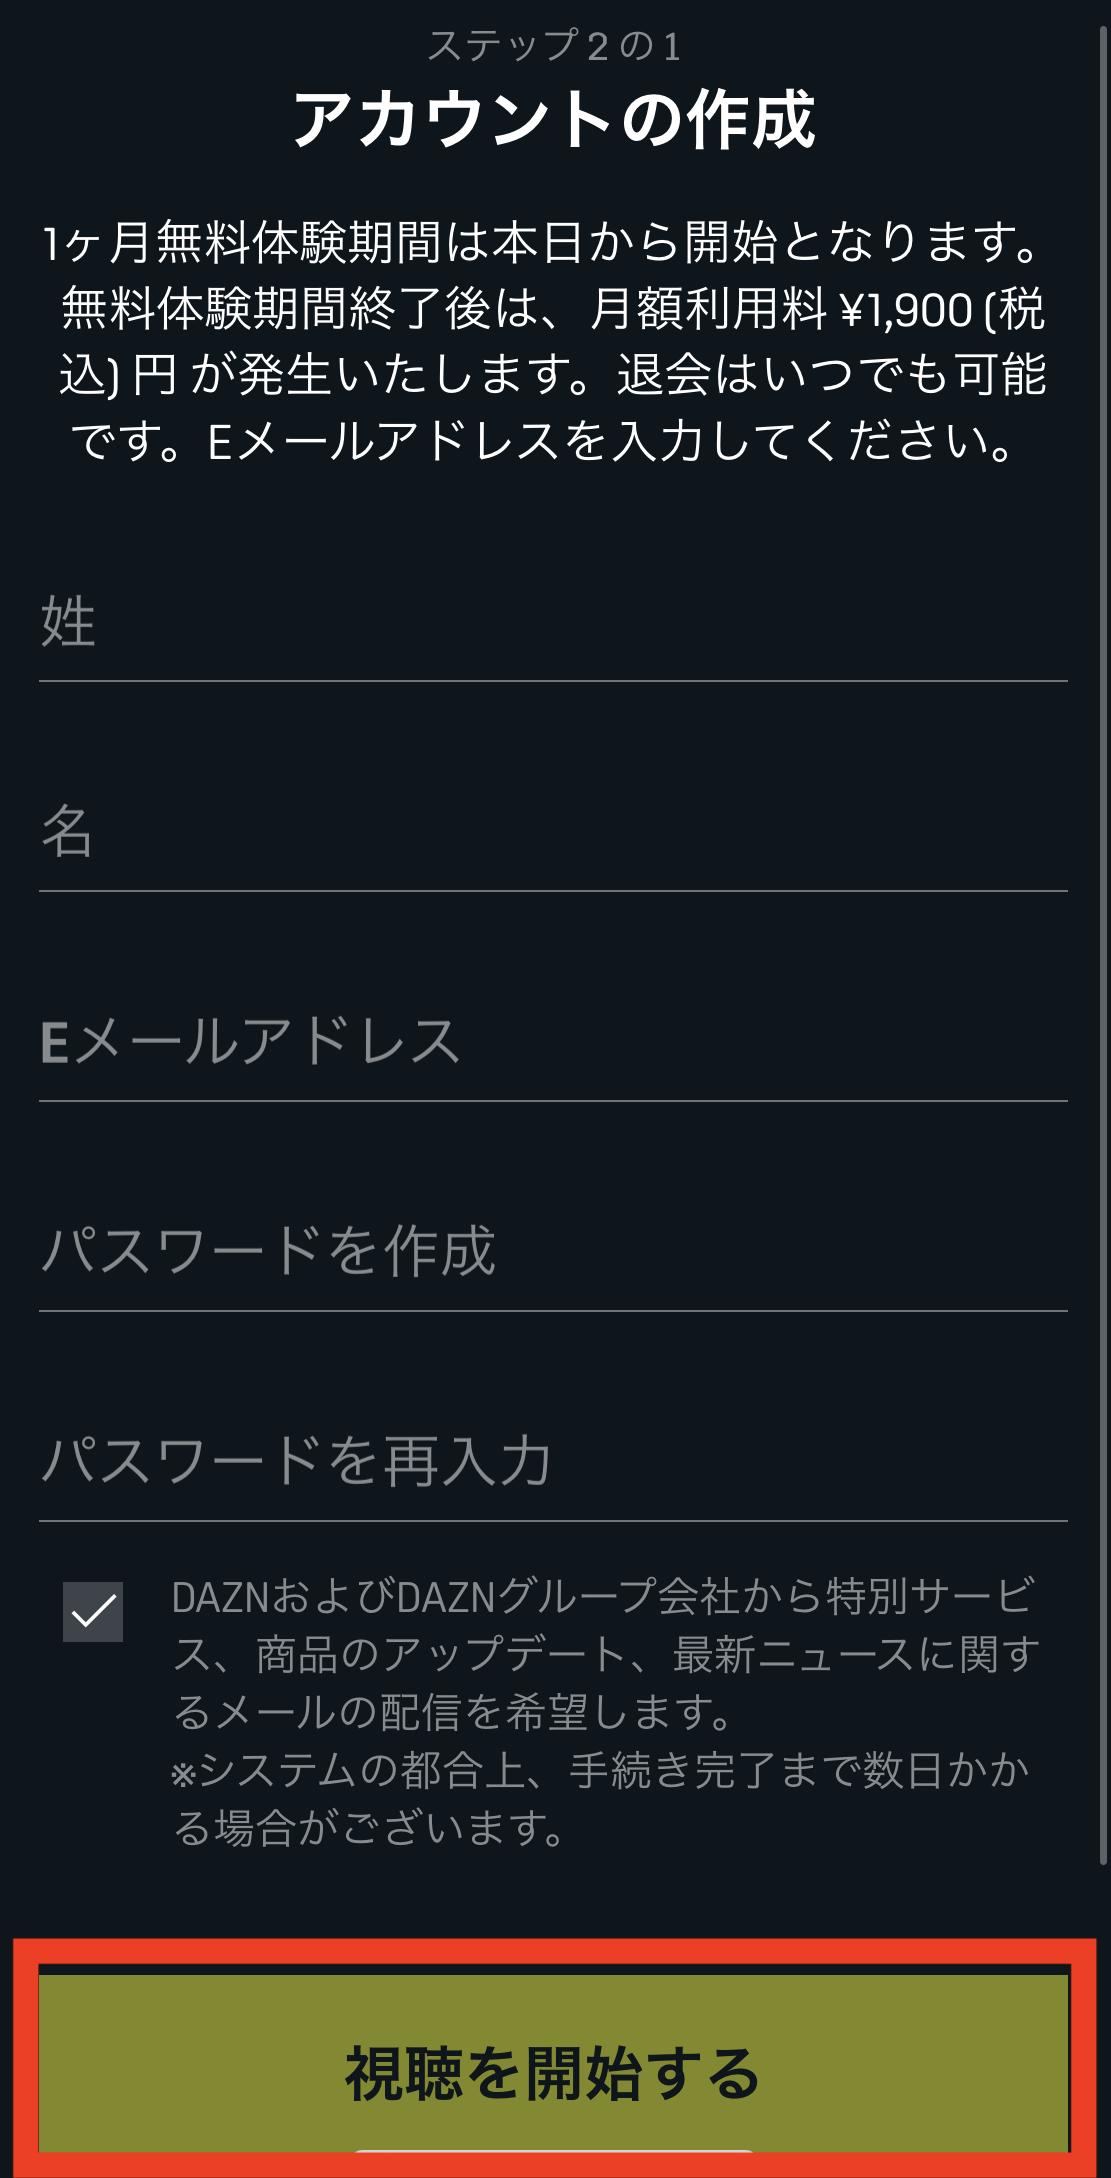 dazn 無料コード